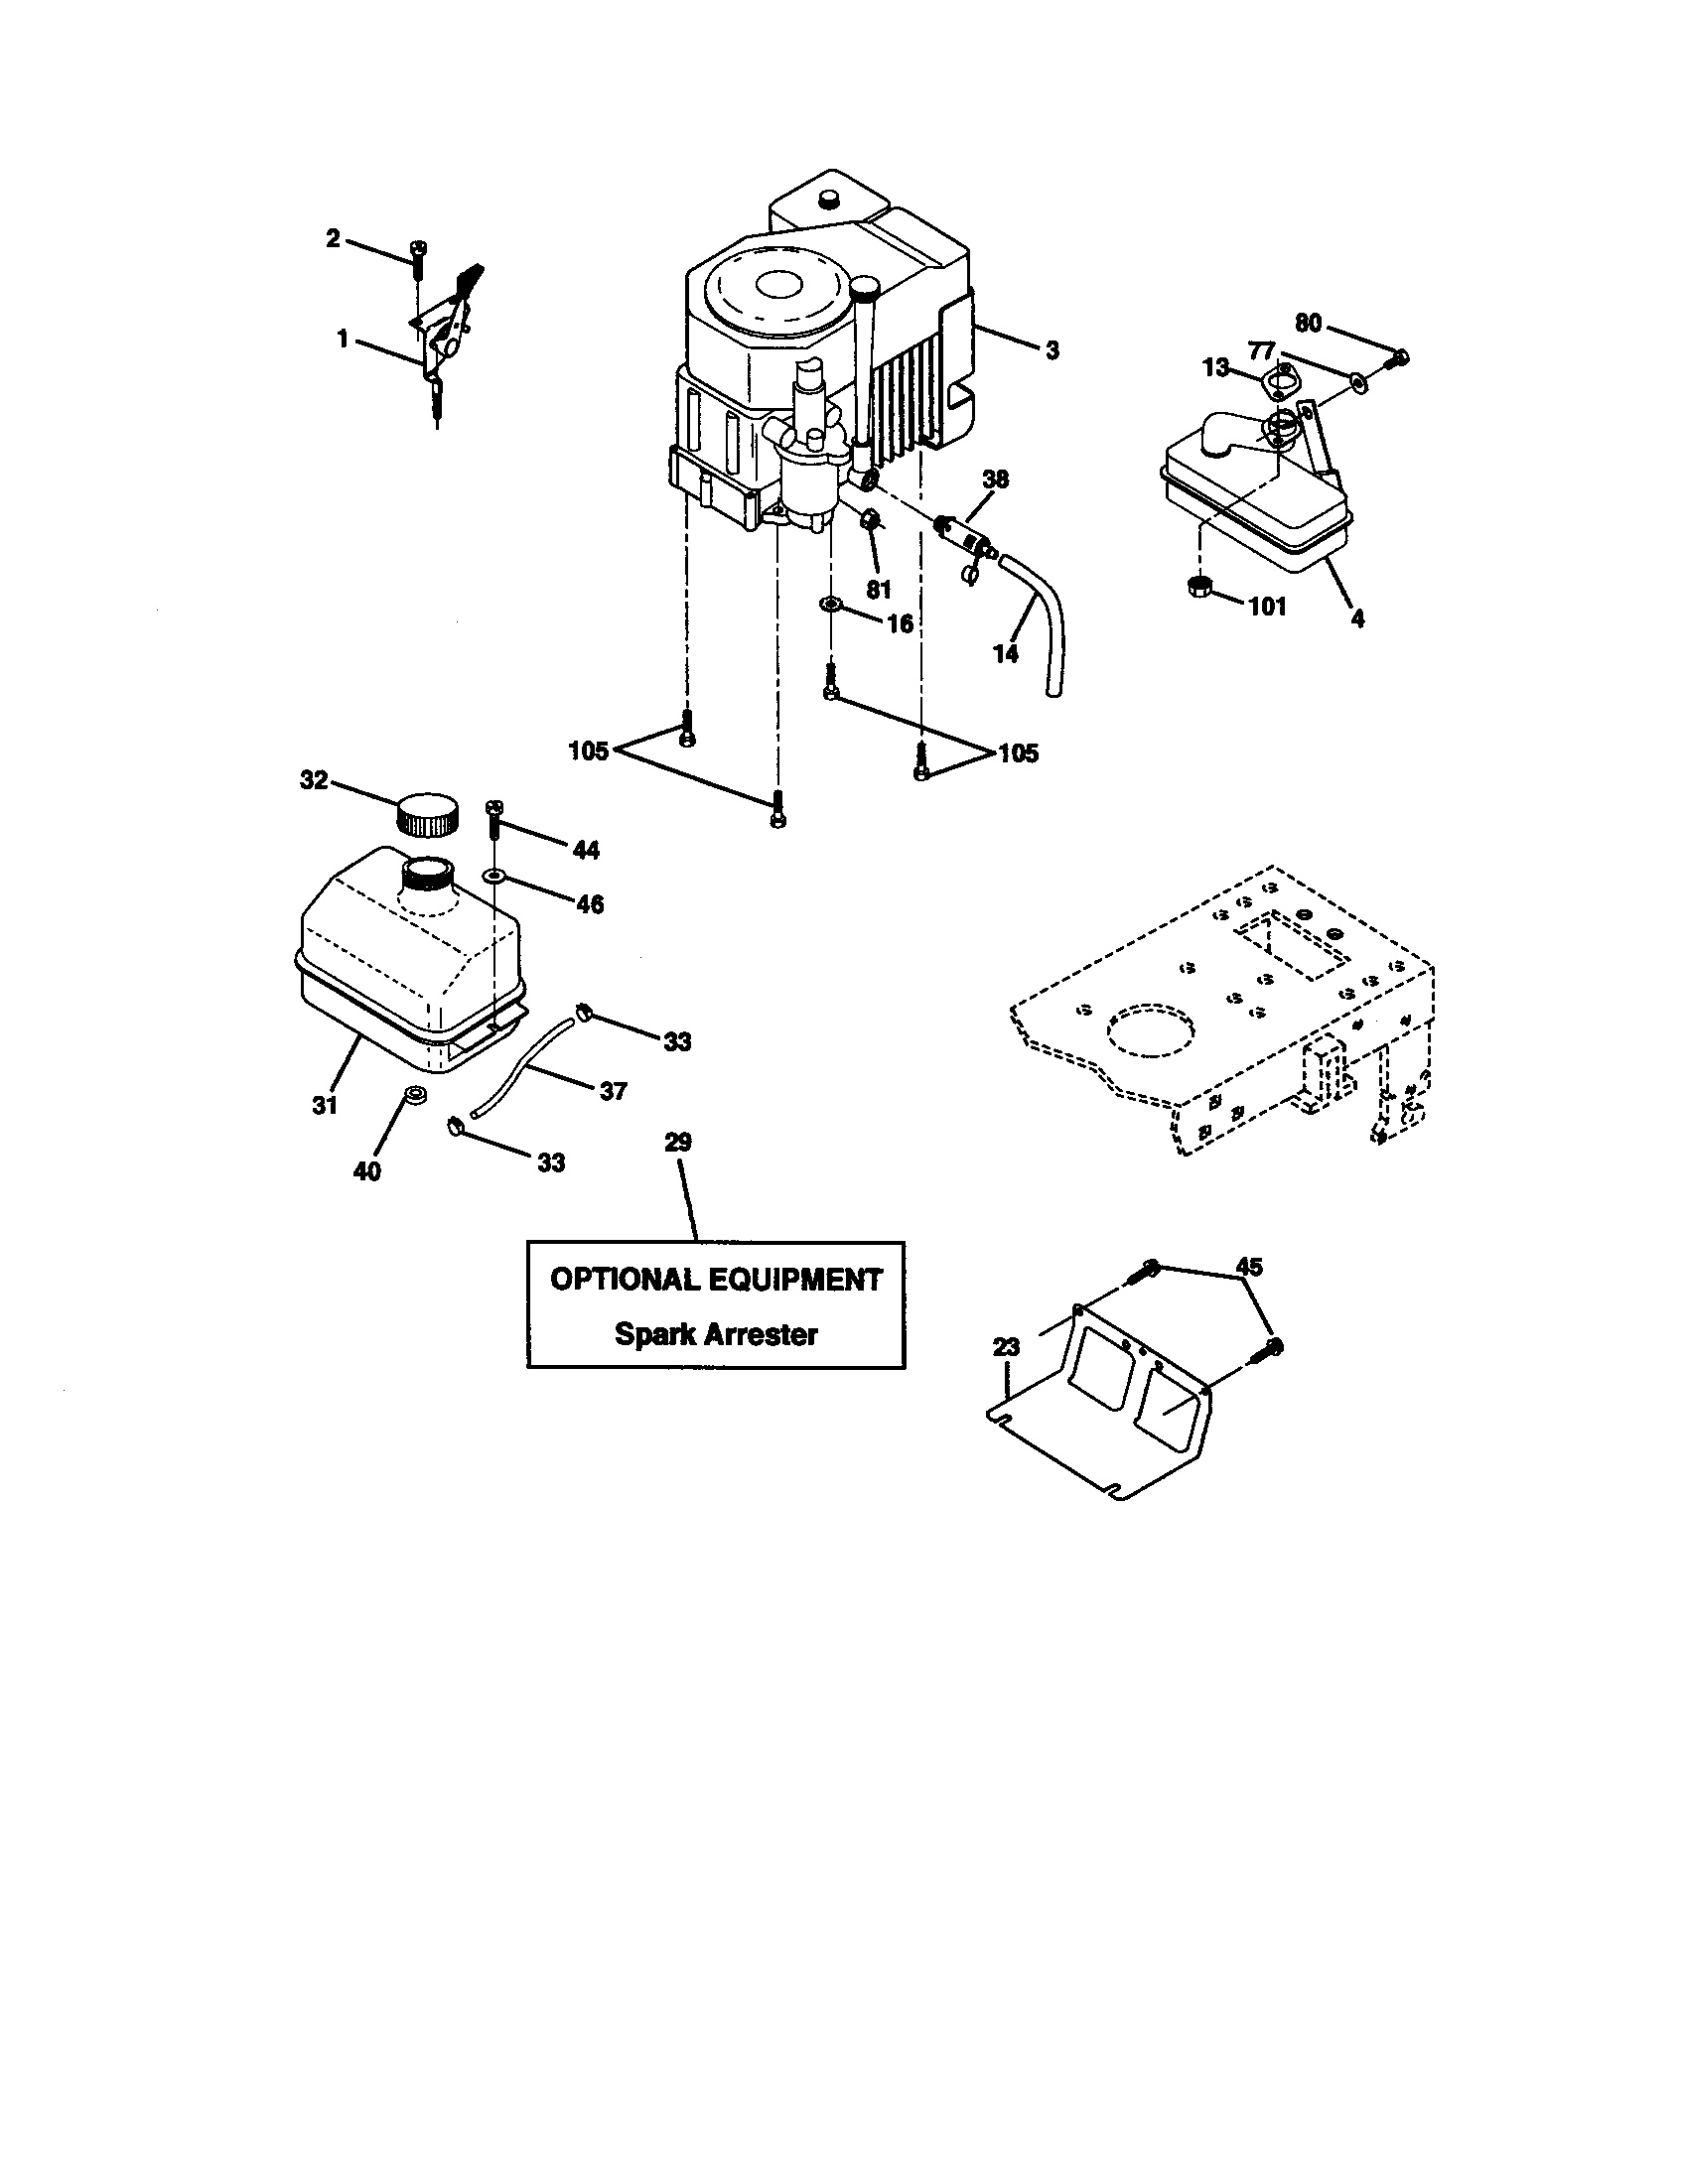 Craftsman model 917271053 lawn, tractor genuine parts